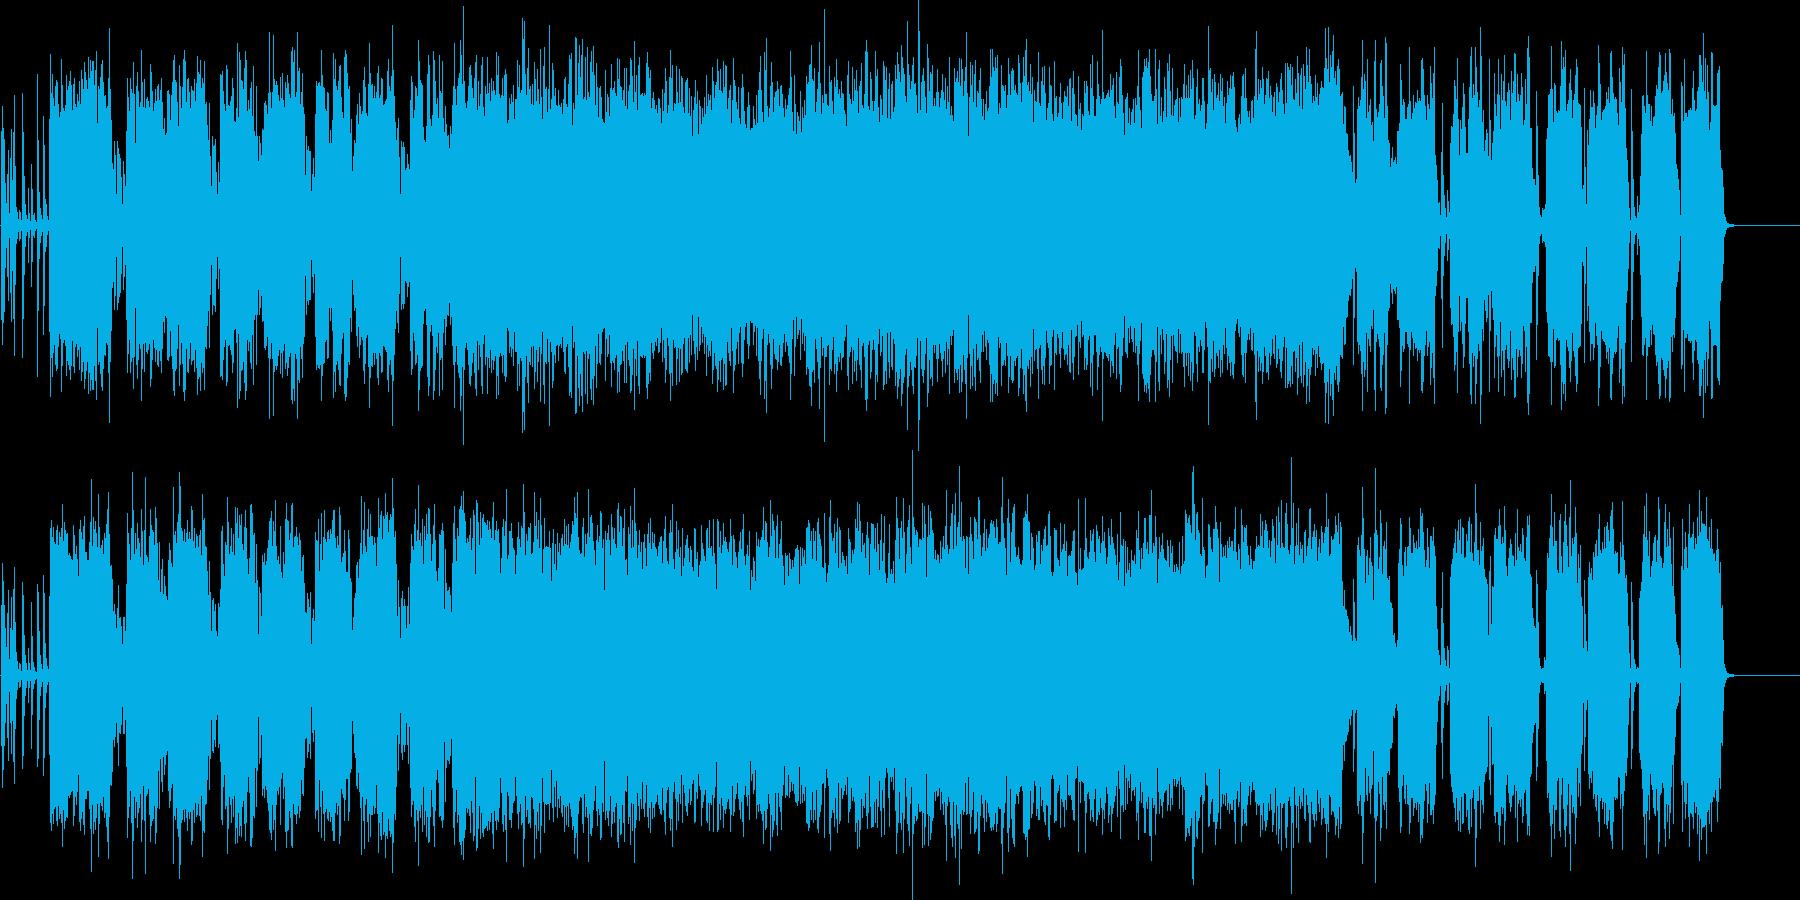 スタイリッシュなリフ系ロックの再生済みの波形